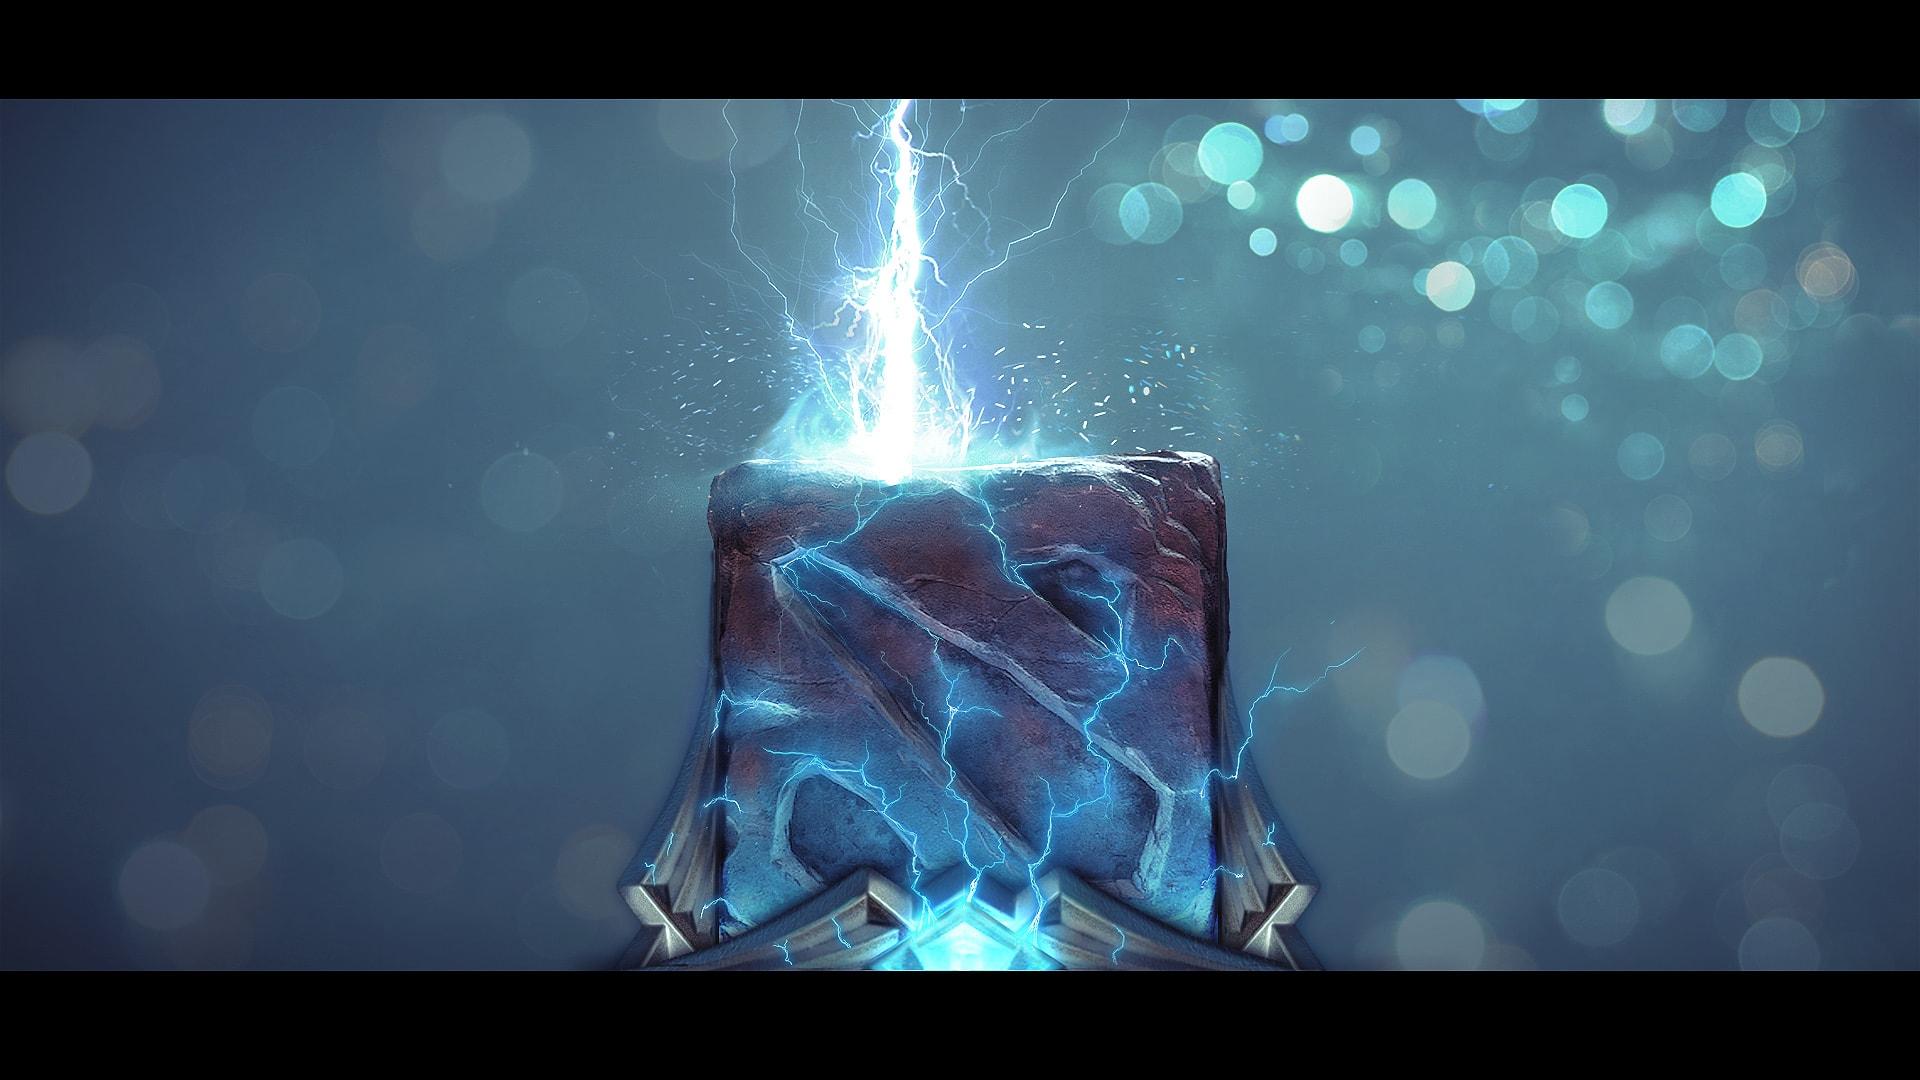 Dota2 : Zeus Background